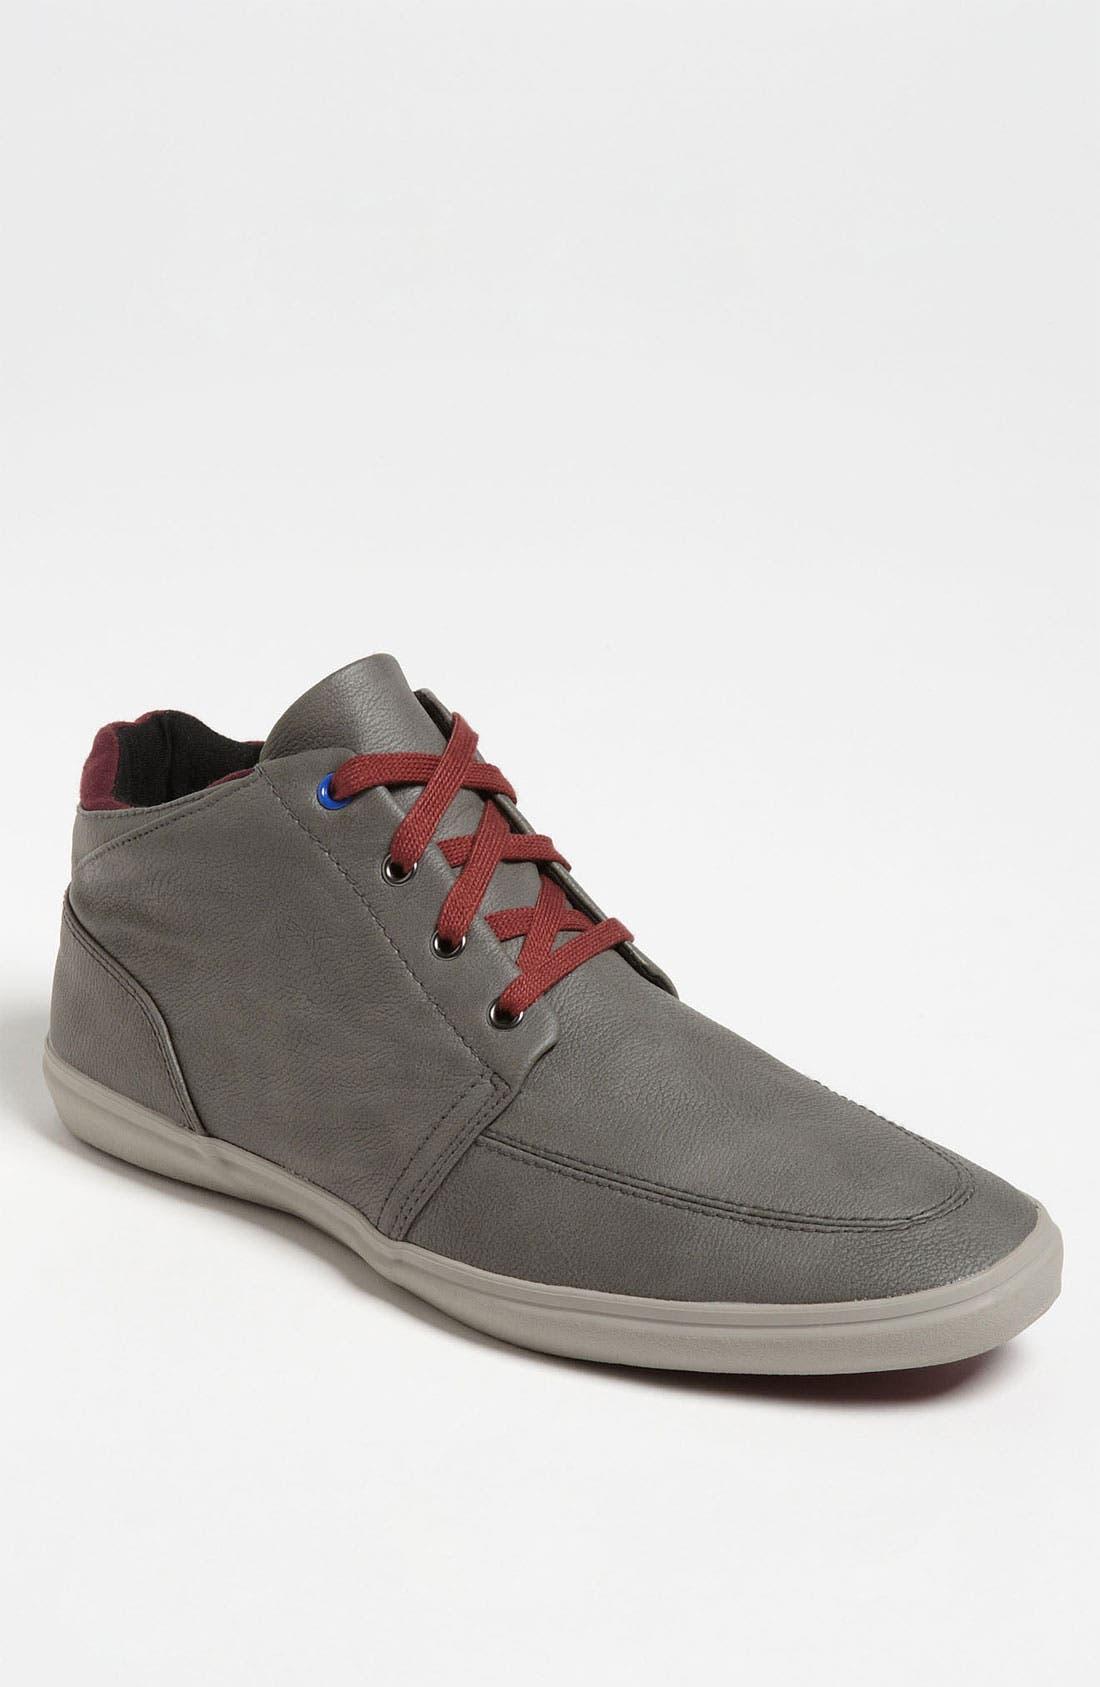 Alternate Image 1 Selected - ALDO 'Murri' High Top Sneaker